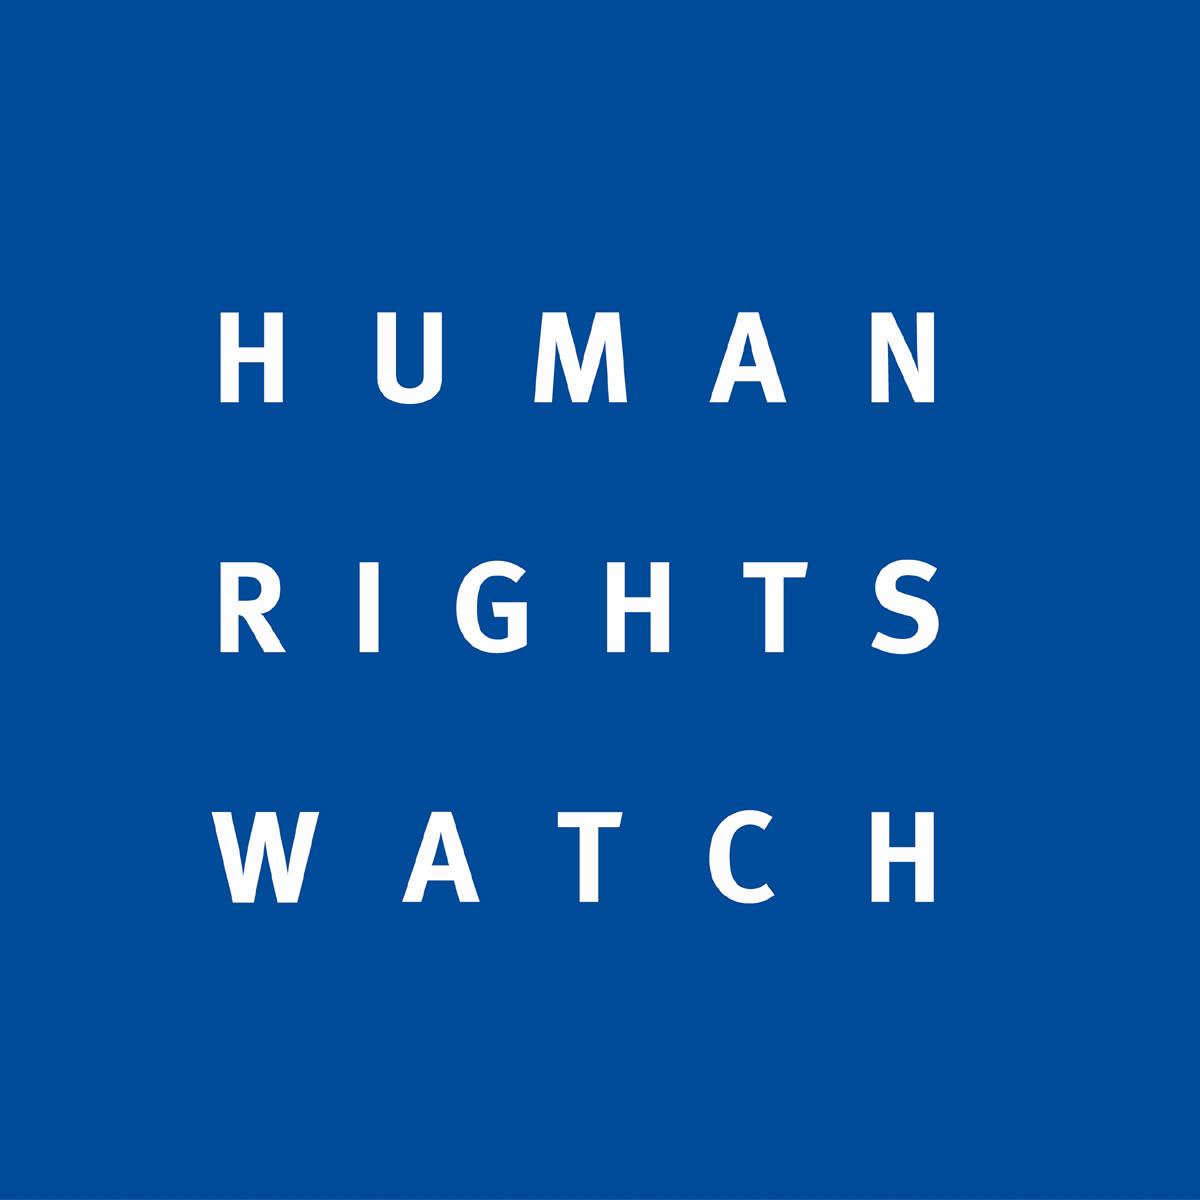 Human Rights Watch требует от Украины отклонить законопроекты, дискриминирующие ЛГБТ